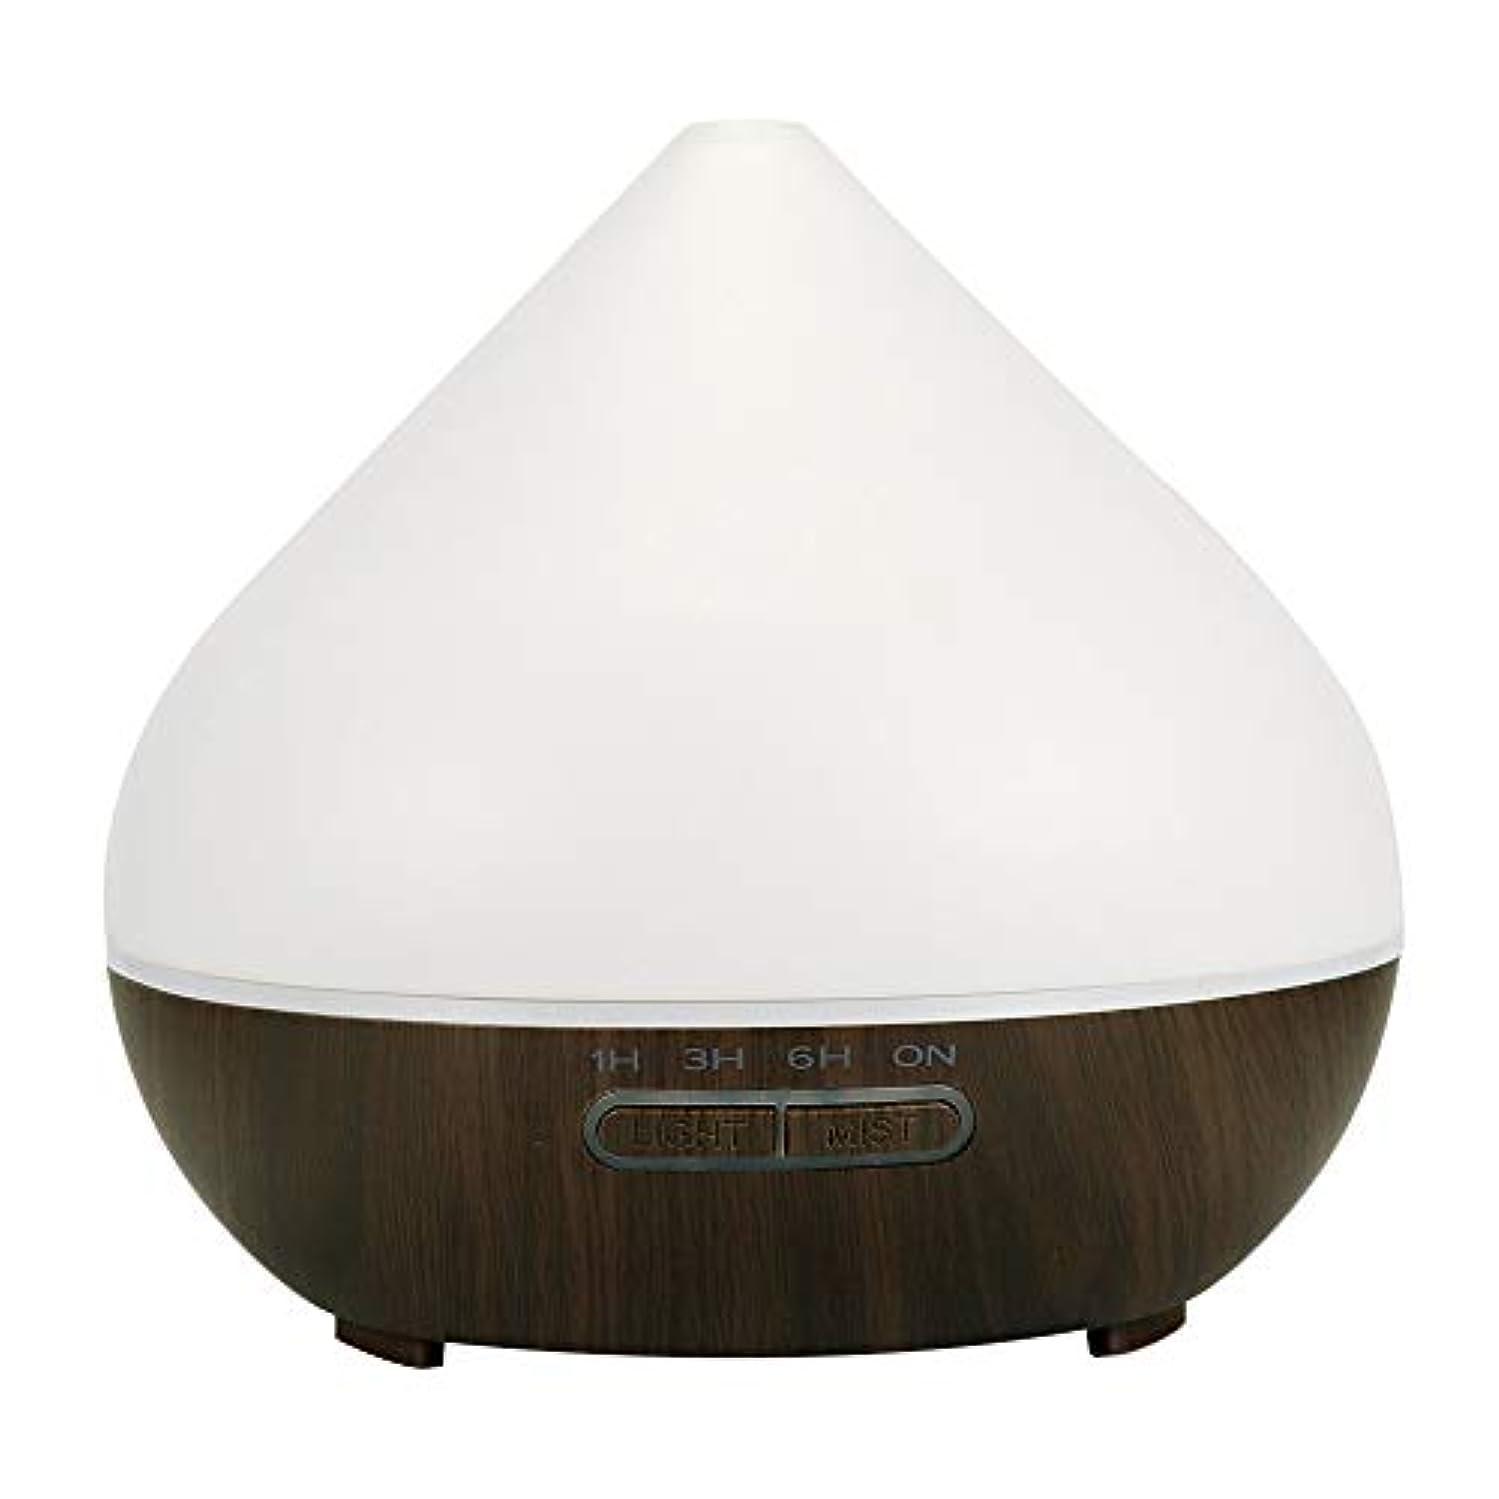 そして遠征カメラiTLOTL Air Aroma Essential Oil Diffuser LED Ultrasonic Aroma Aromatherapy Humidifier Pink 141[並行輸入]